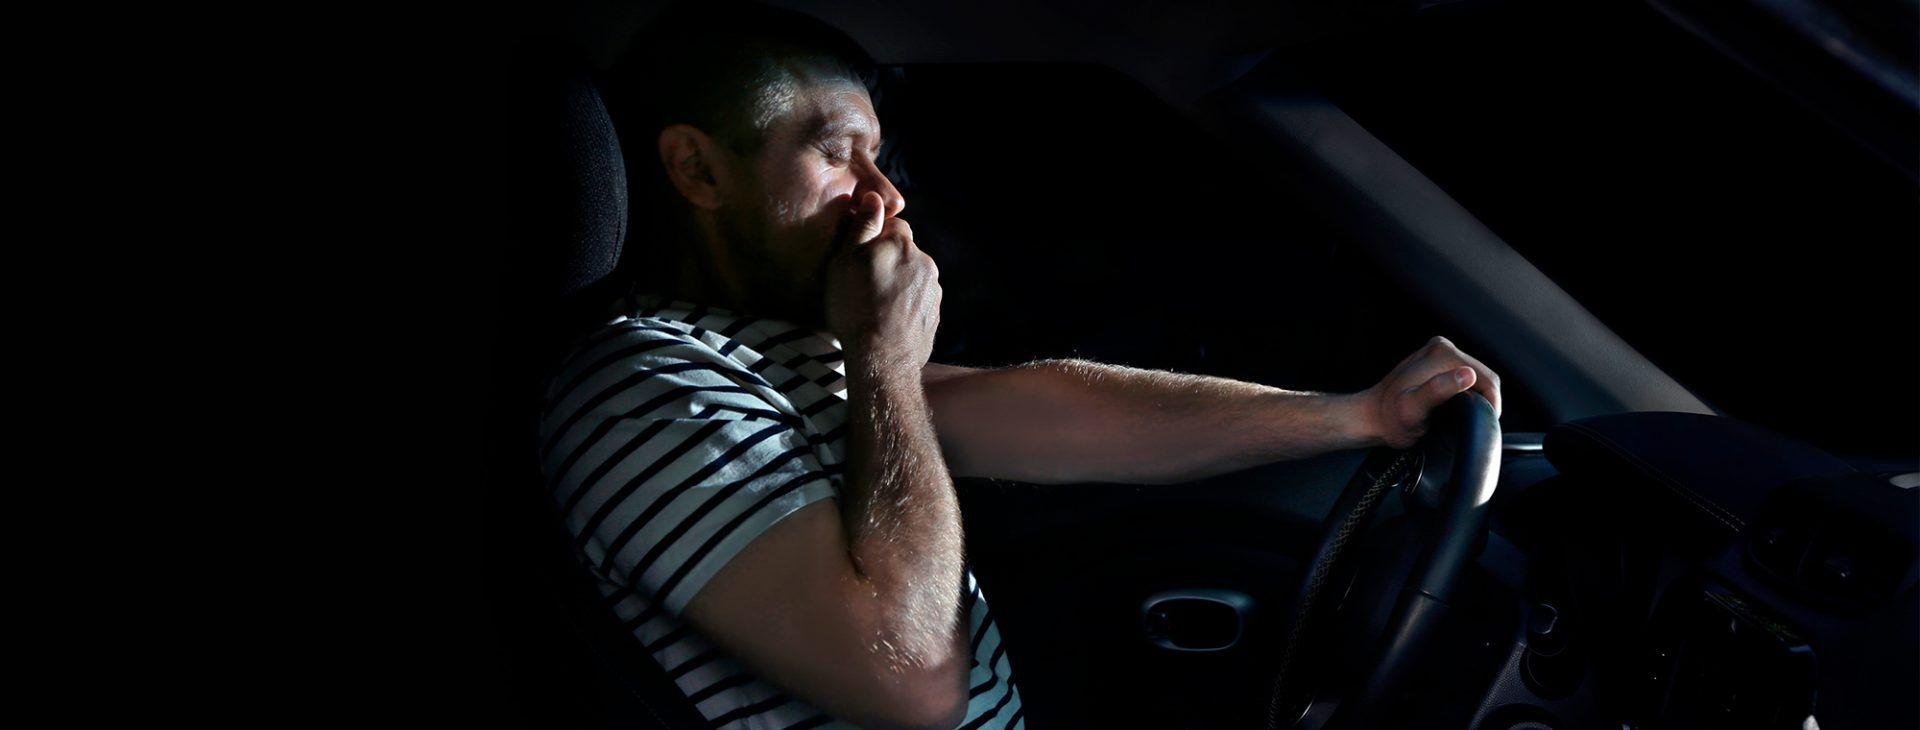 Evita los microsueños al volante